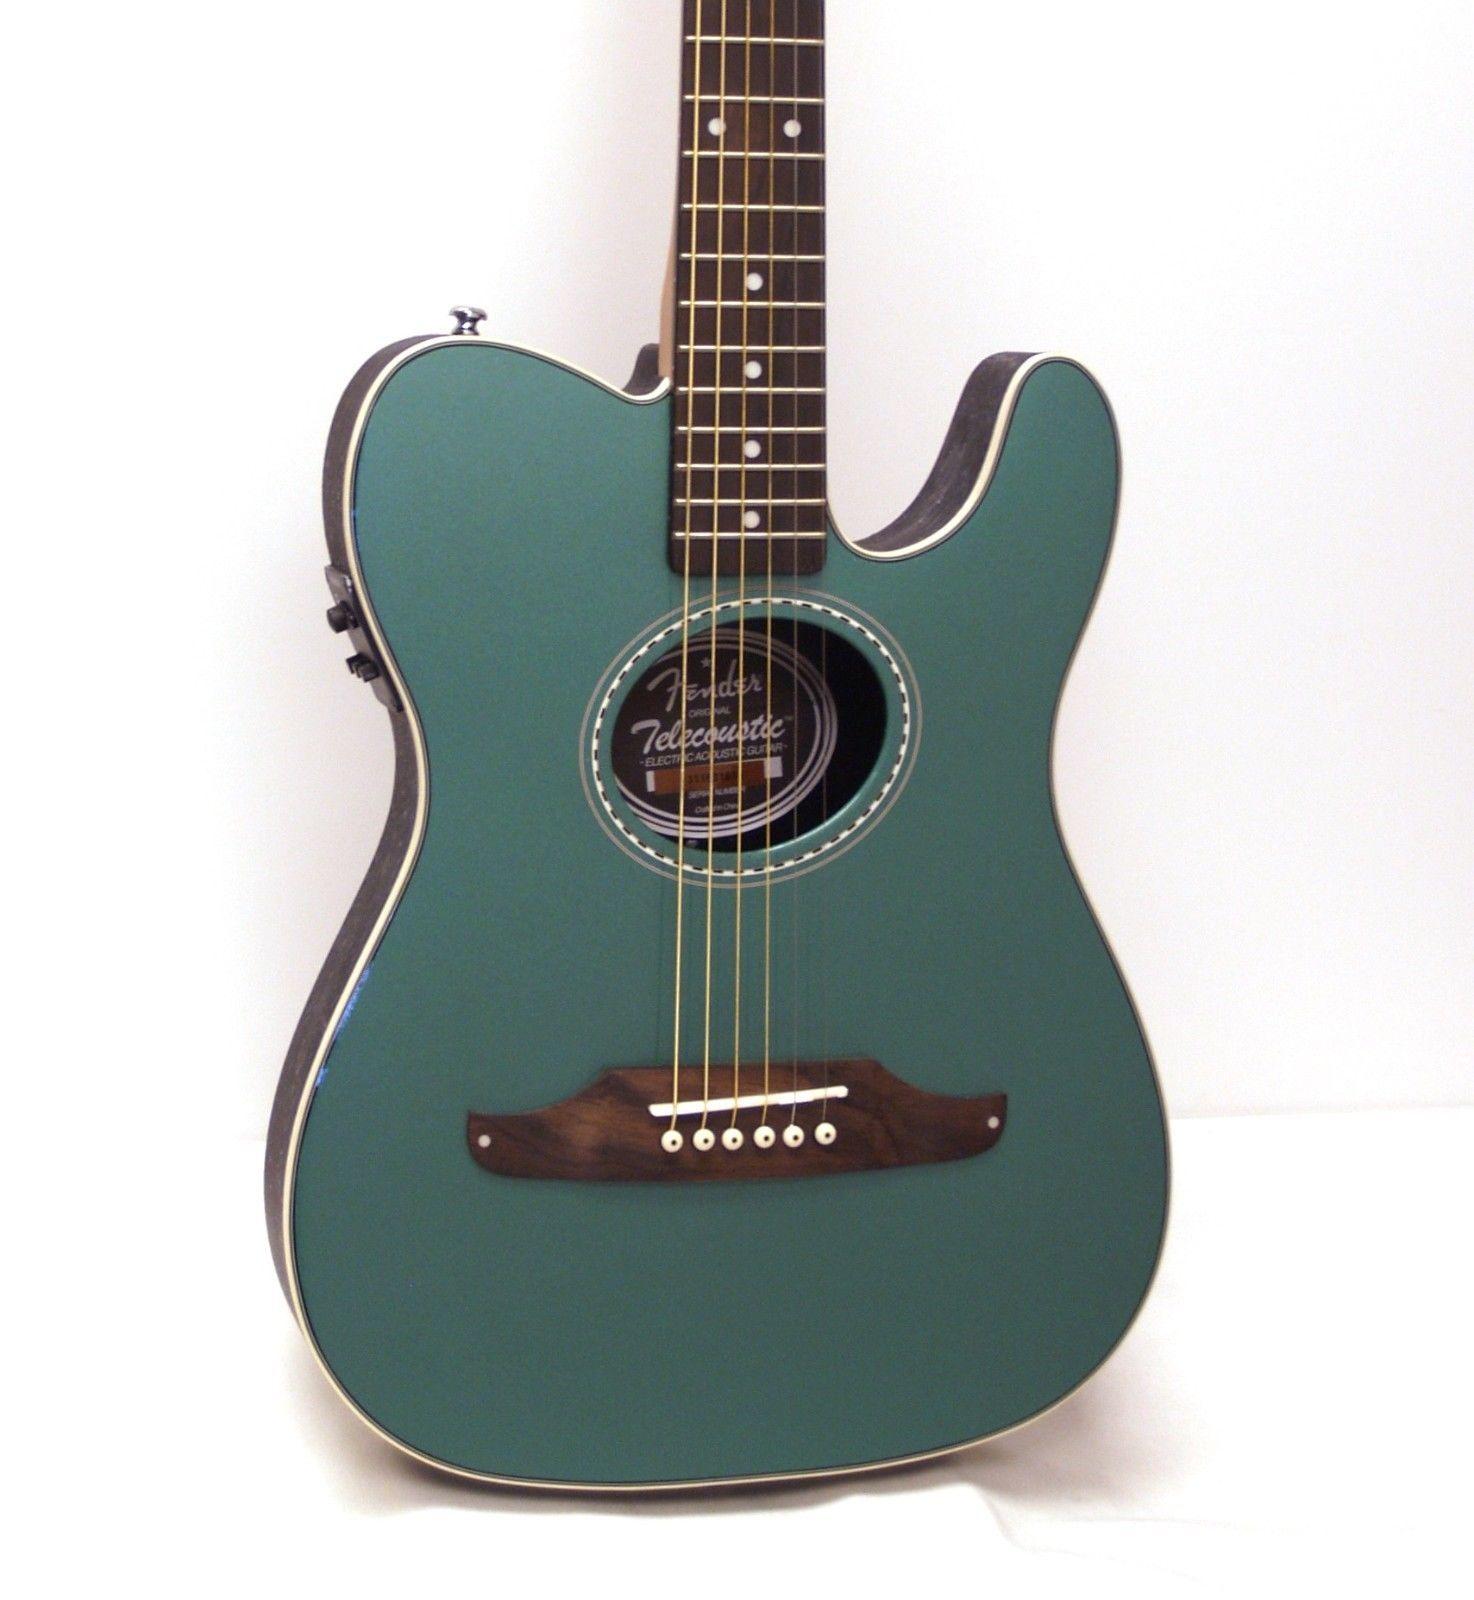 Fender Telecoustic Plus Acoustic Electric Guitar Sherwood Green Acoustic Electric Guitar Guitar Fender Telecoustic